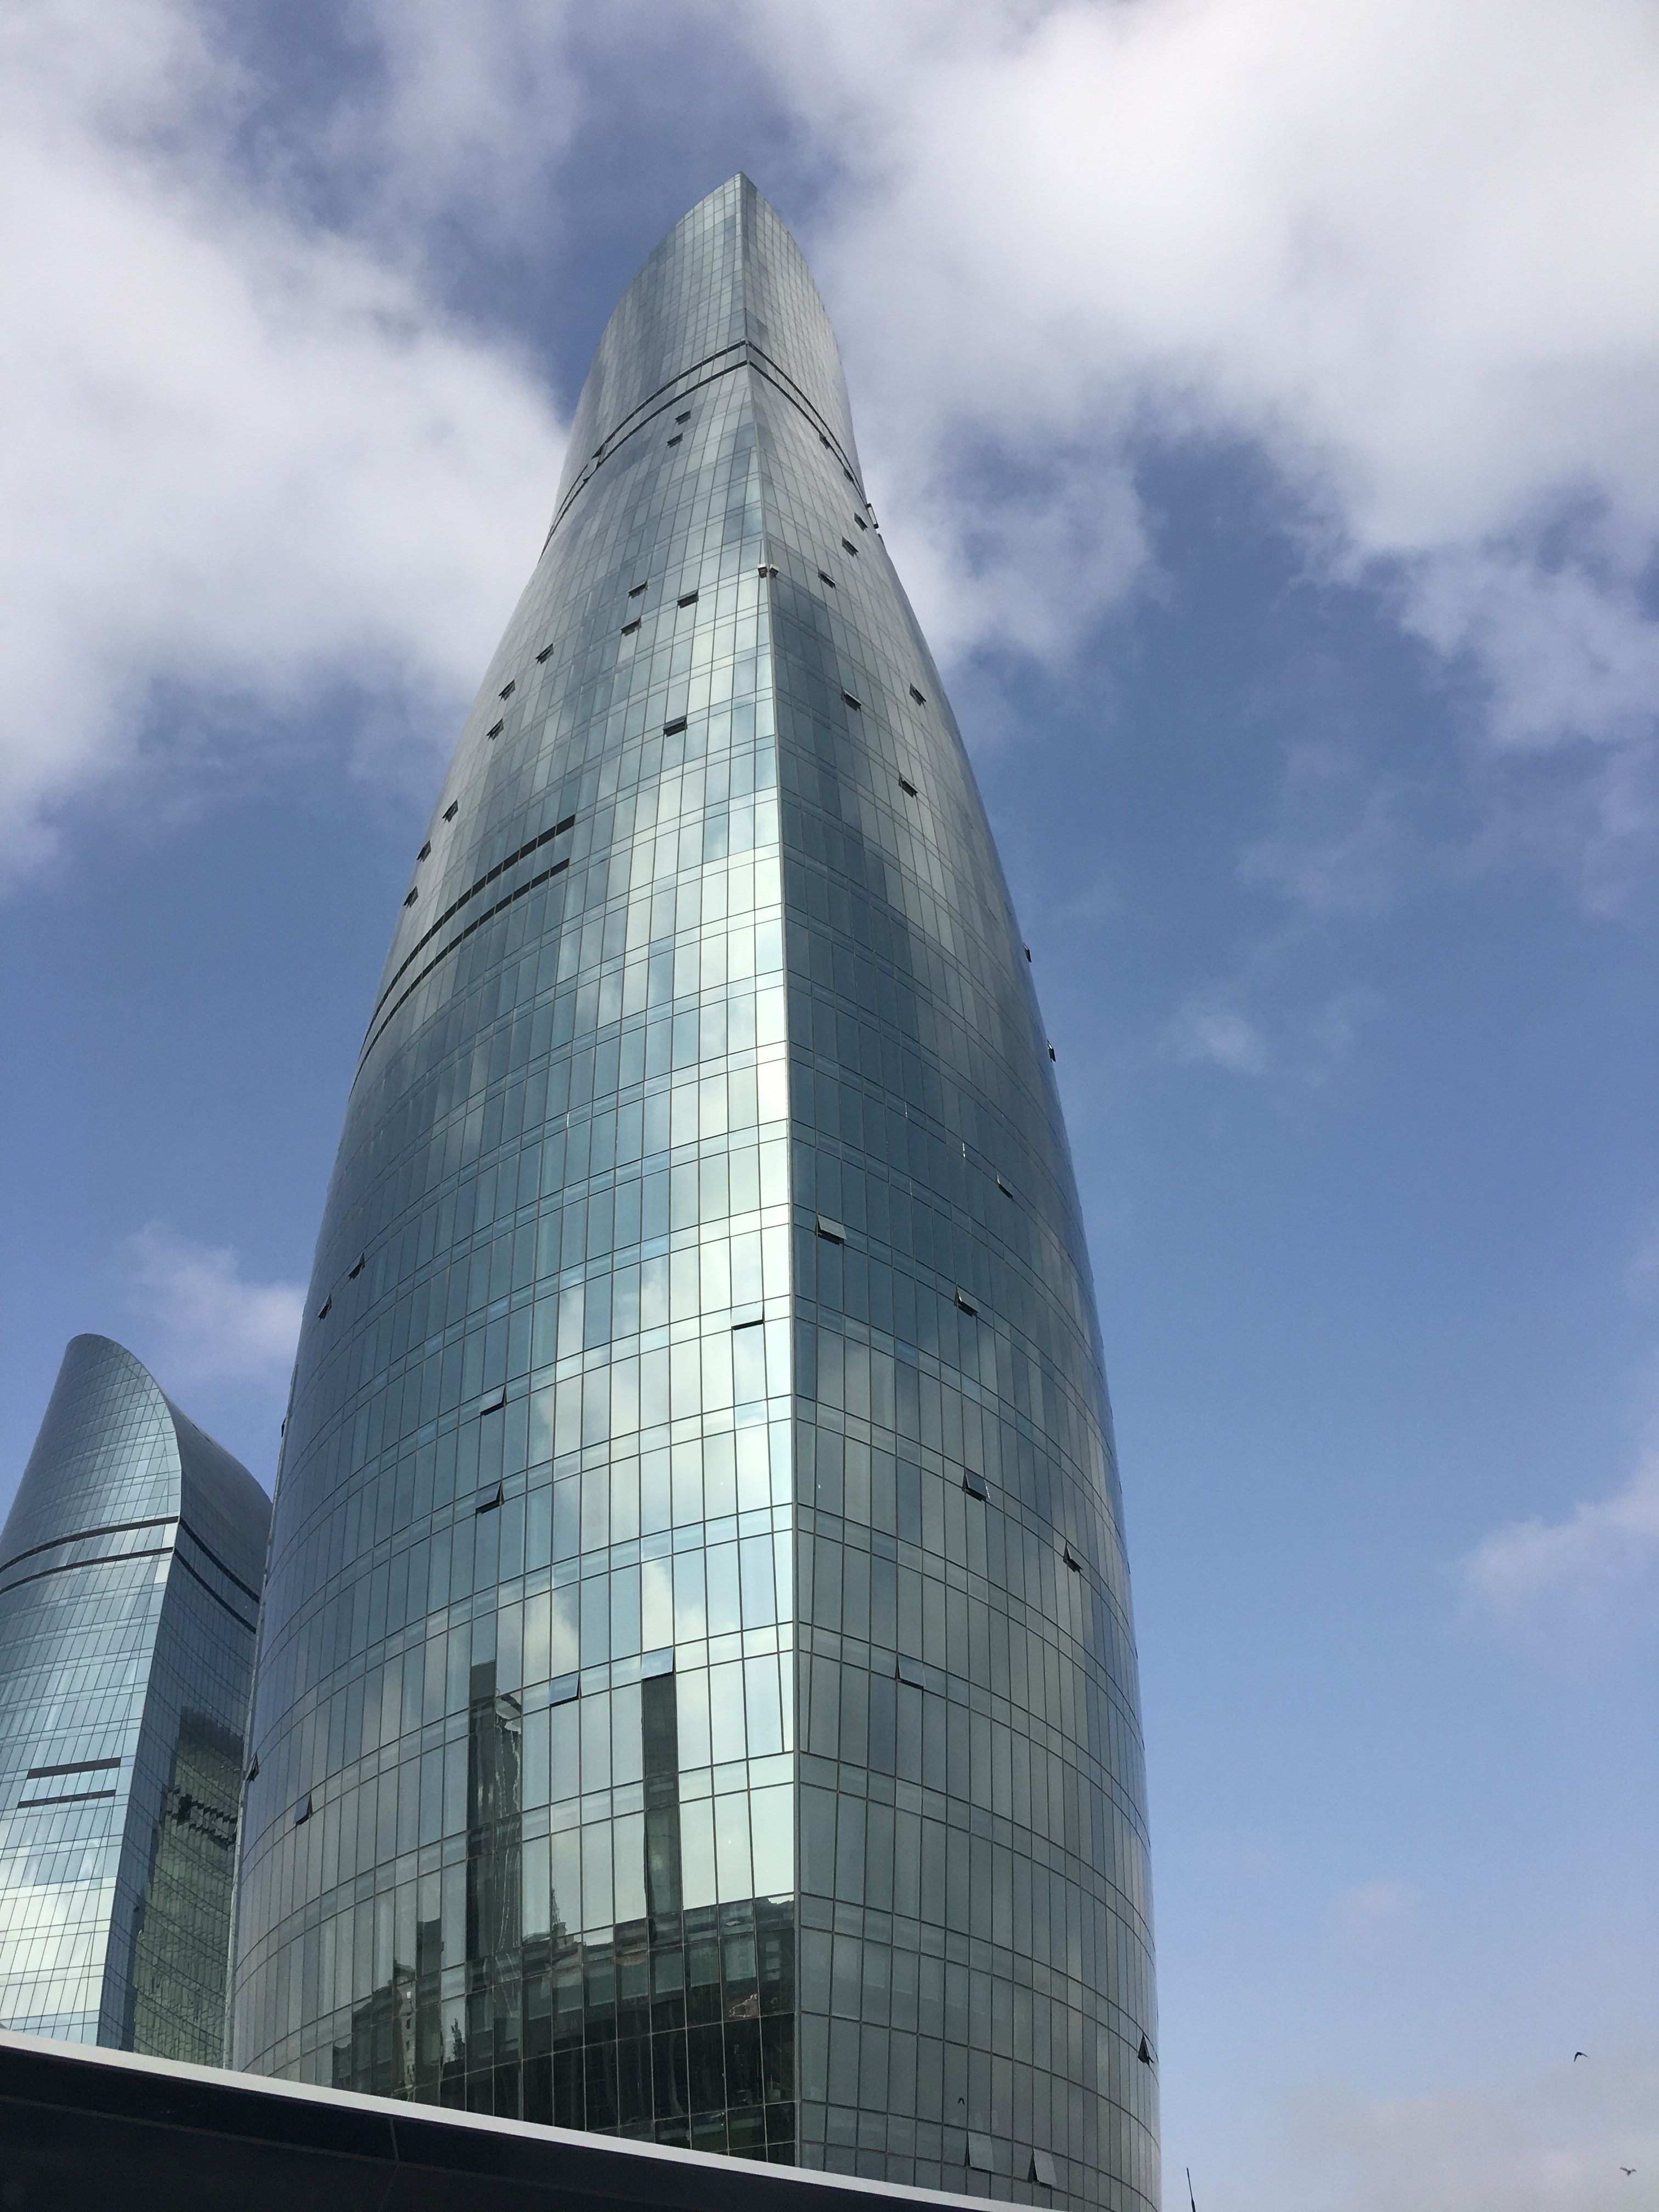 アゼルバイジャン関係記事の一覧 - Index of Azerbaijan-related ...